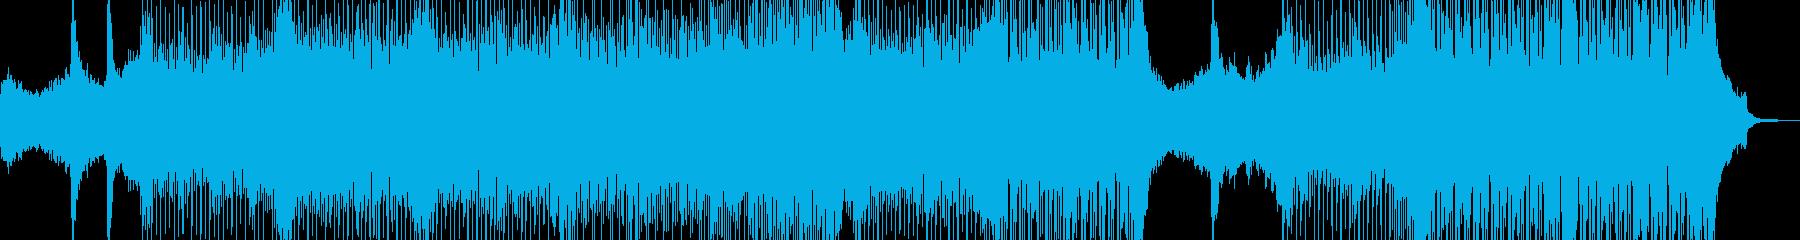 近未来を思い描いたテクノポップ Bの再生済みの波形